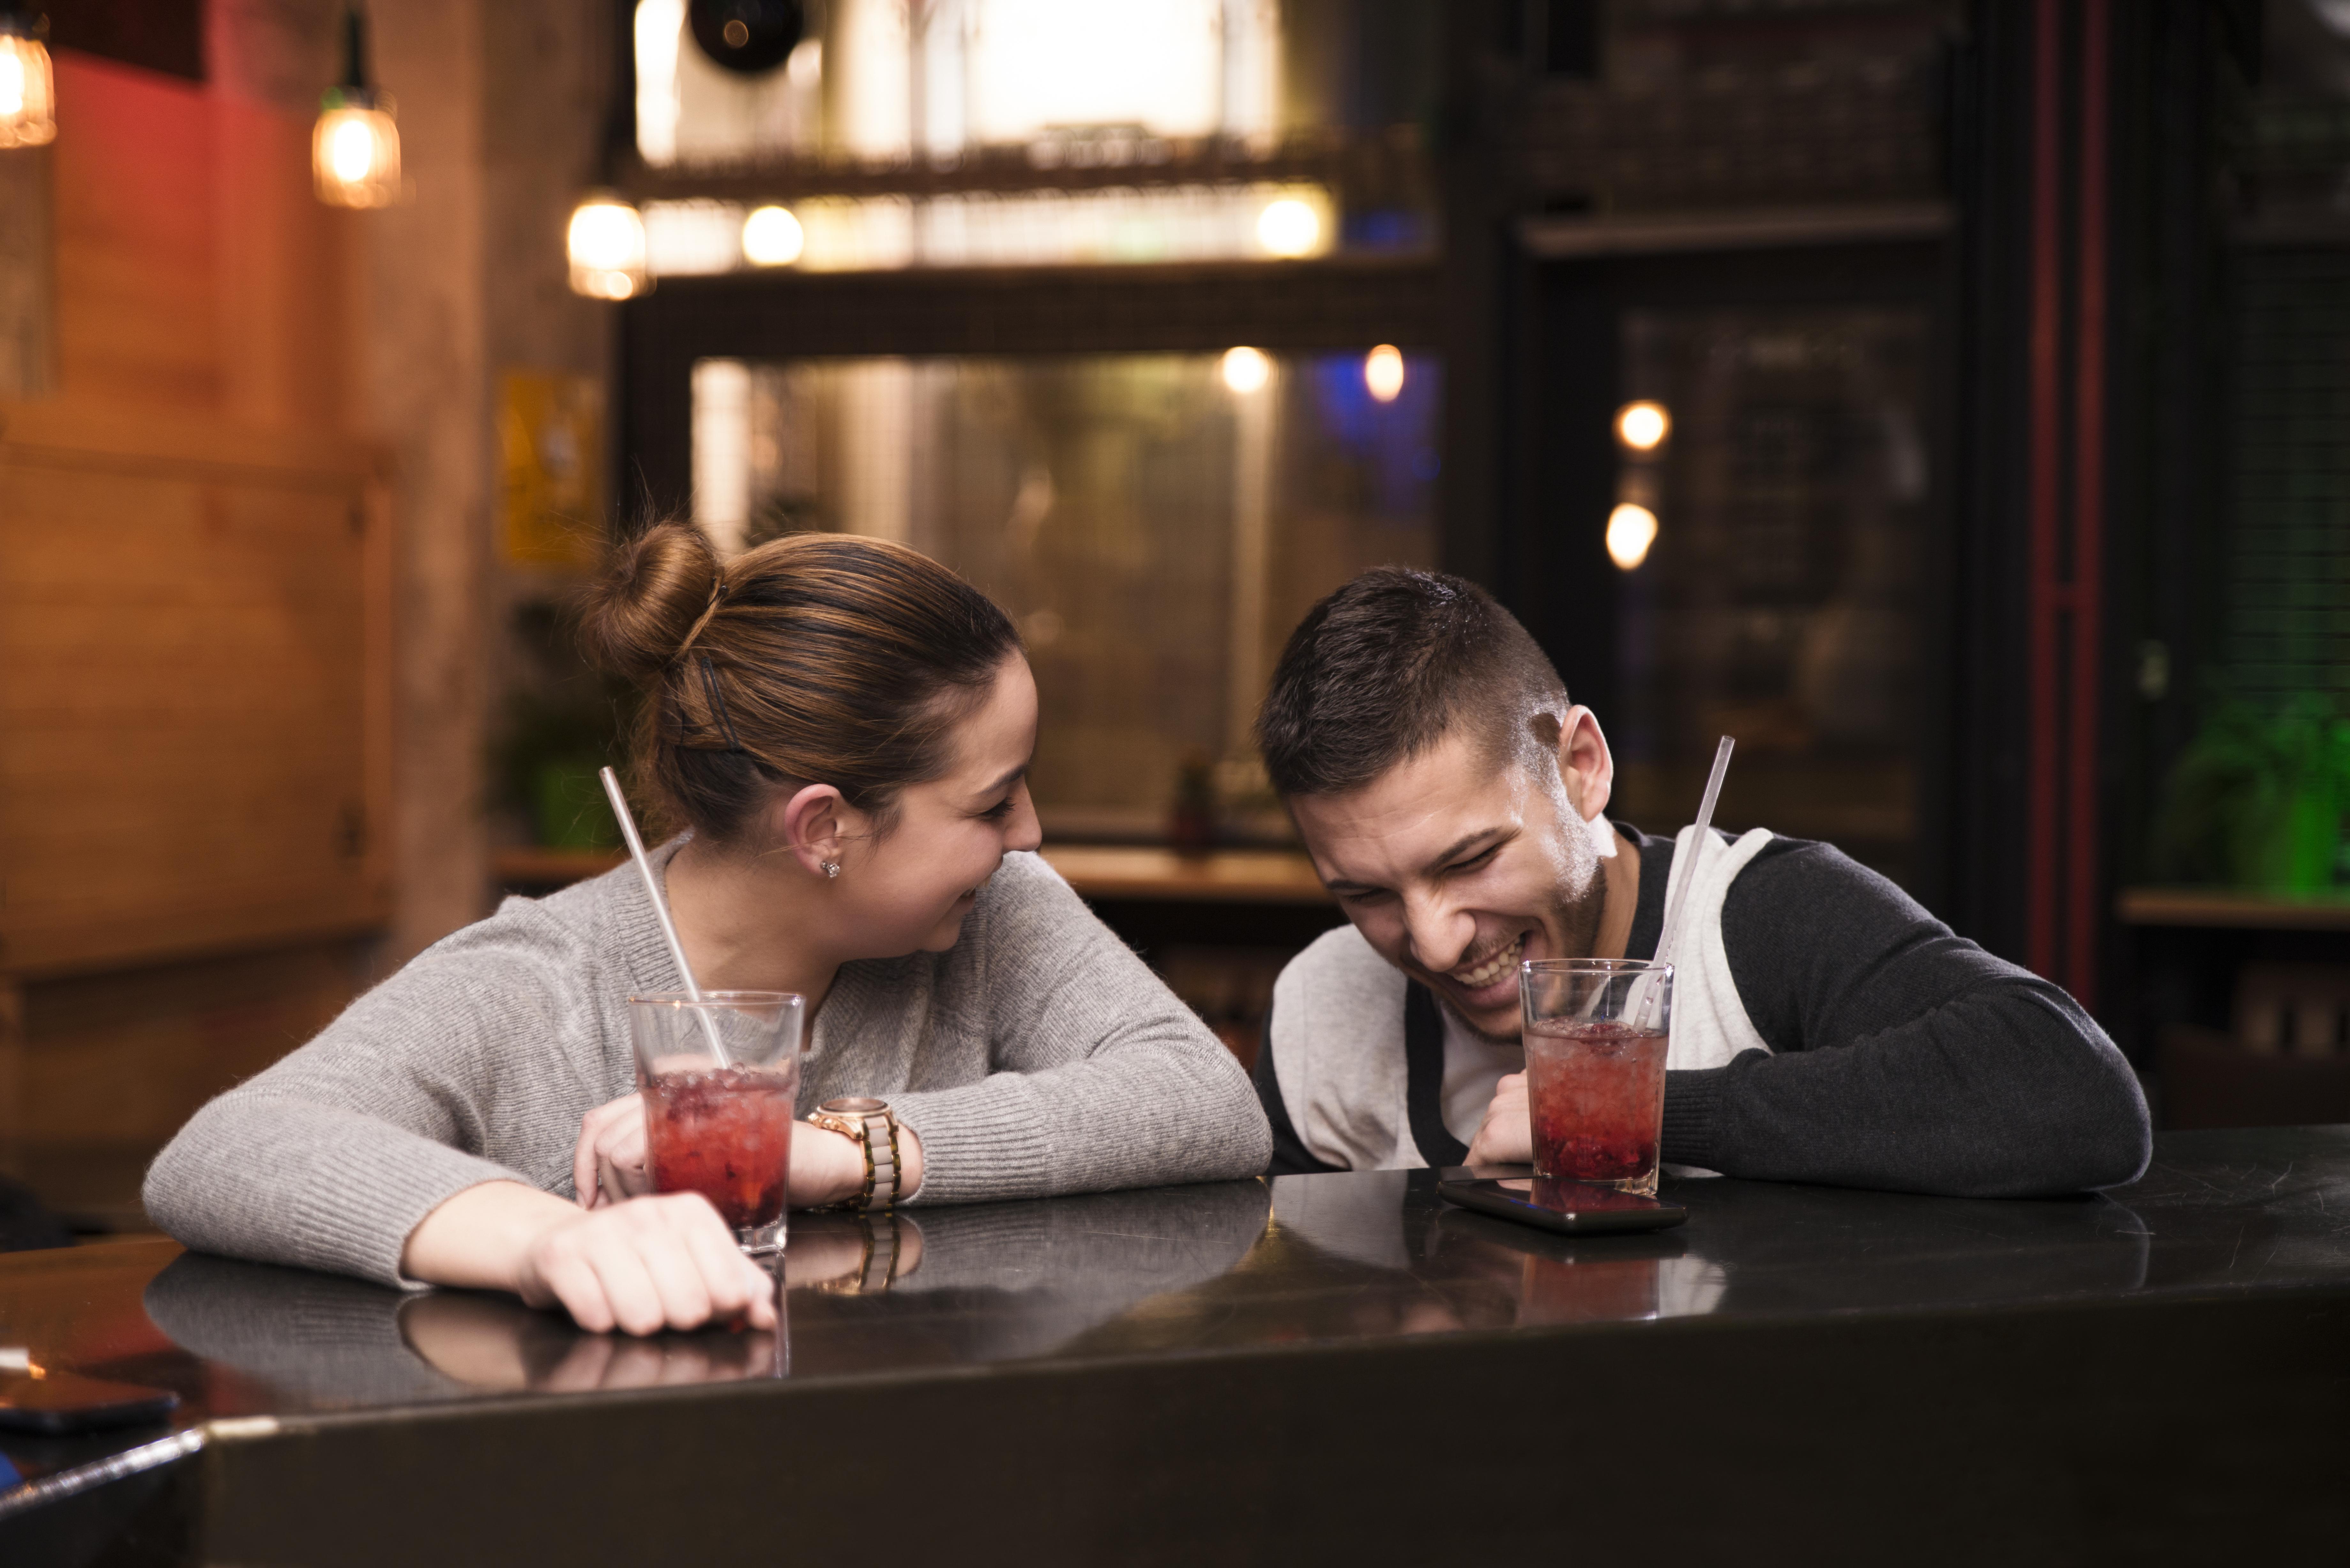 Gratis flørt og datingbror og søster møte online dating